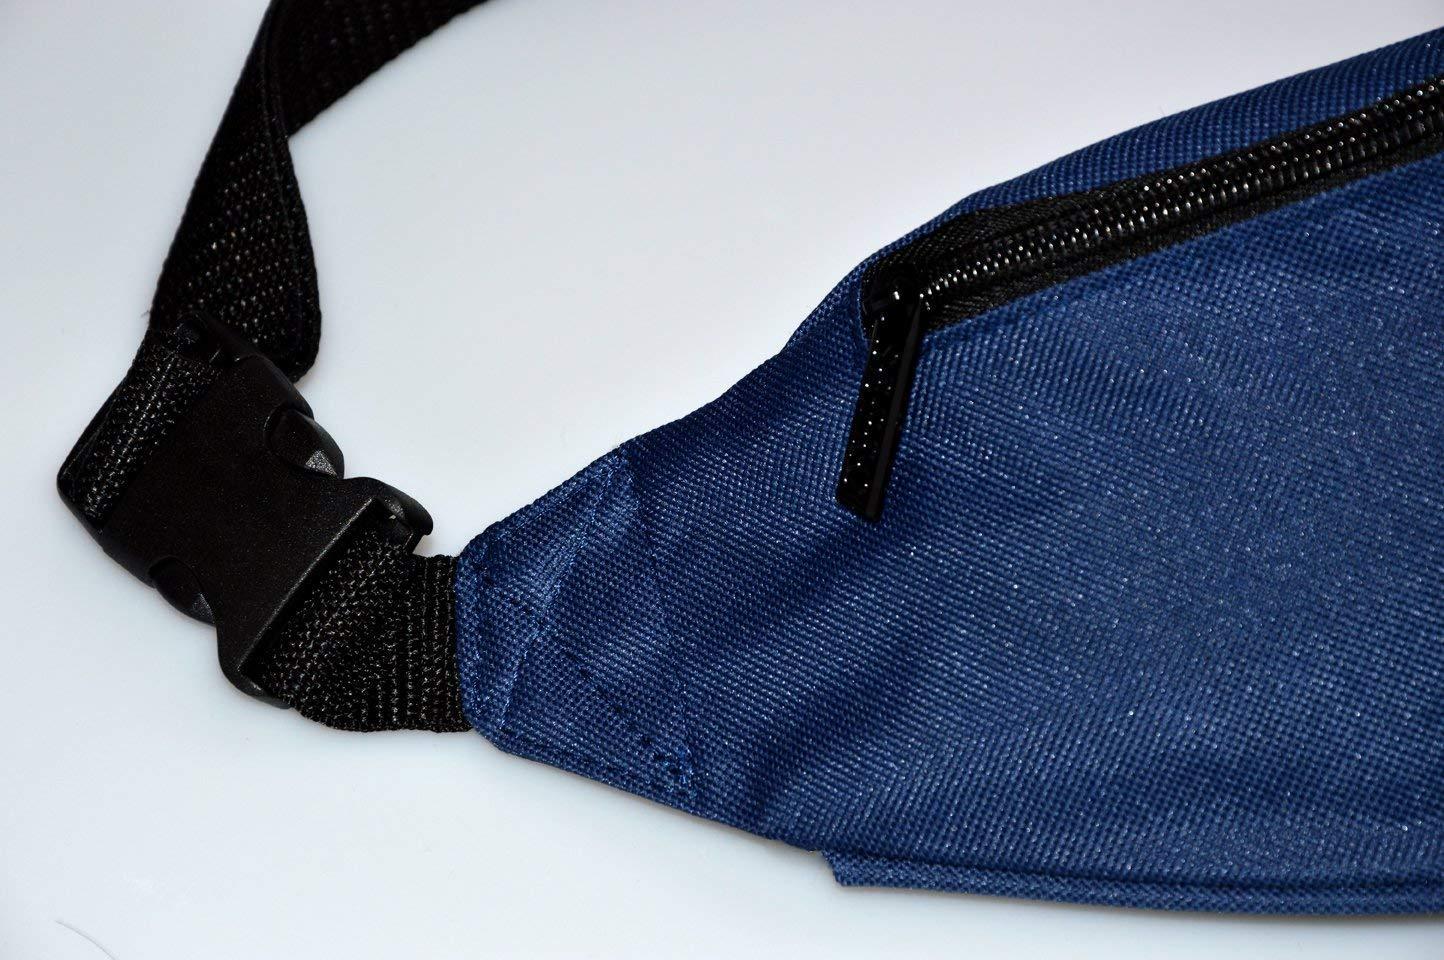 xjh558798 Unisex Waist Purse rk Anchor Shark Fanny Pocket Adjustable Running